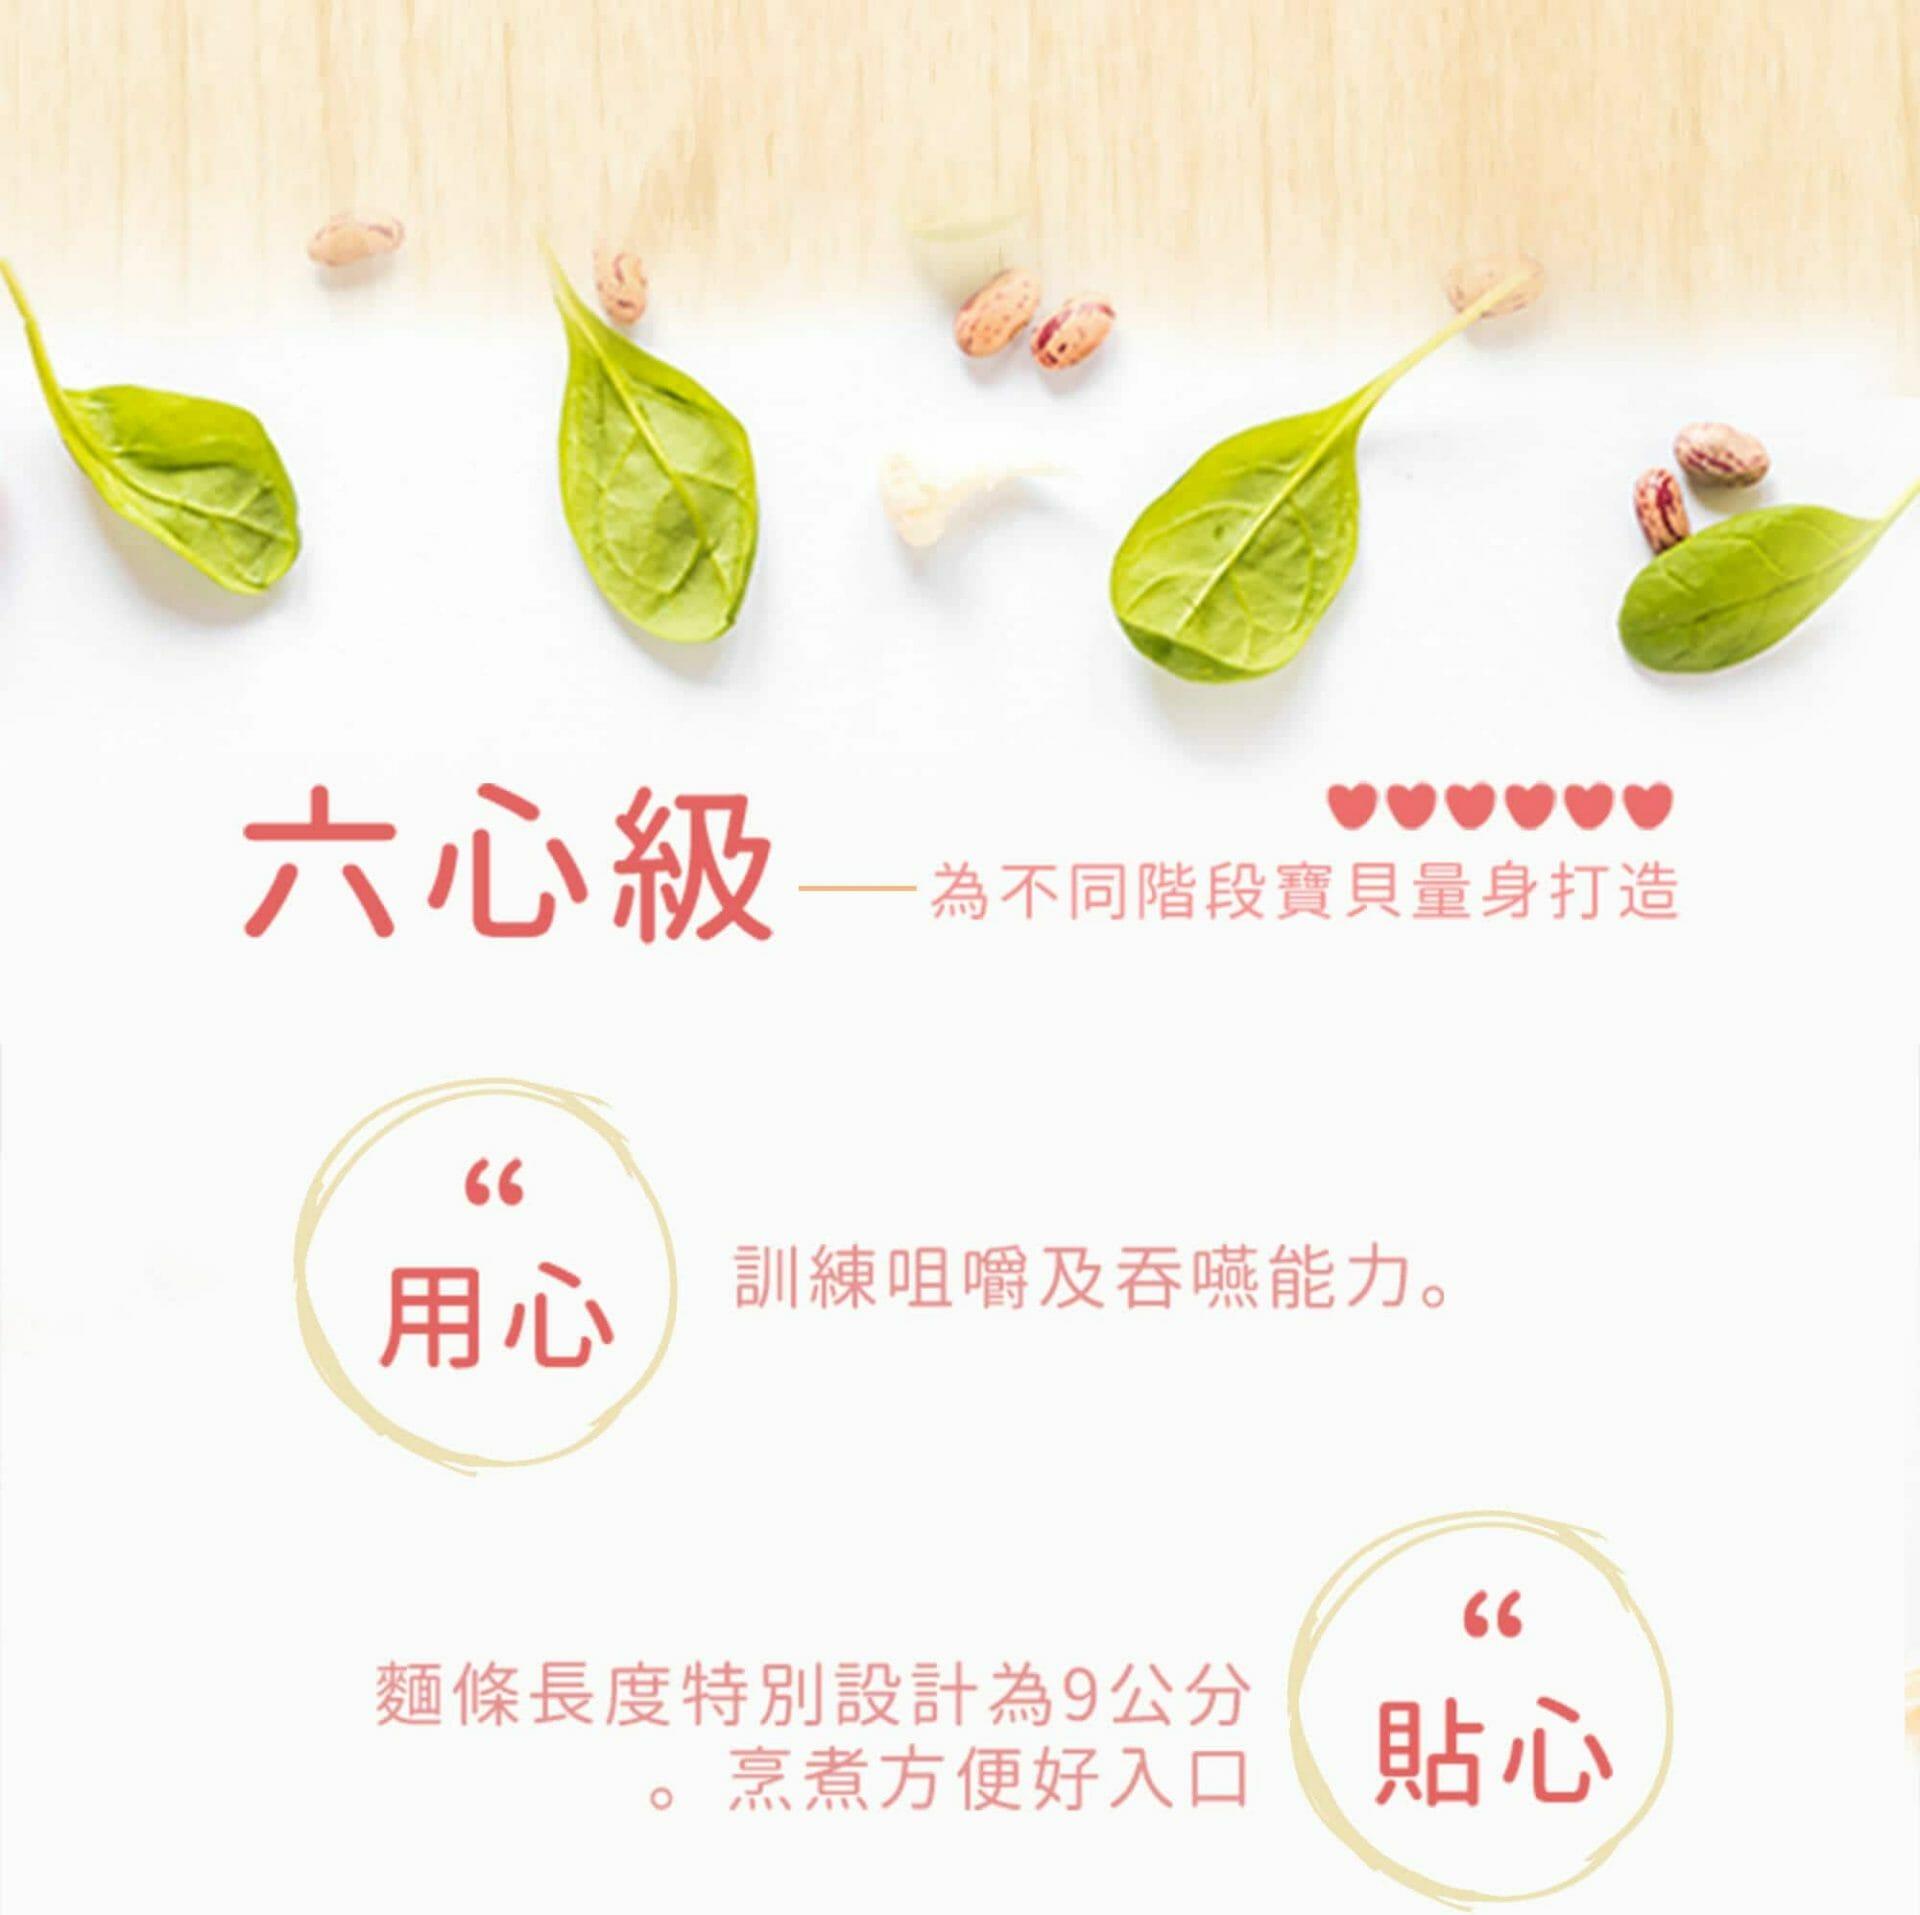 穗穗康健的六心級,用心,訓練咀嚼及吞嚥能力。貼心,特製9公分麵體,烹煮方便。